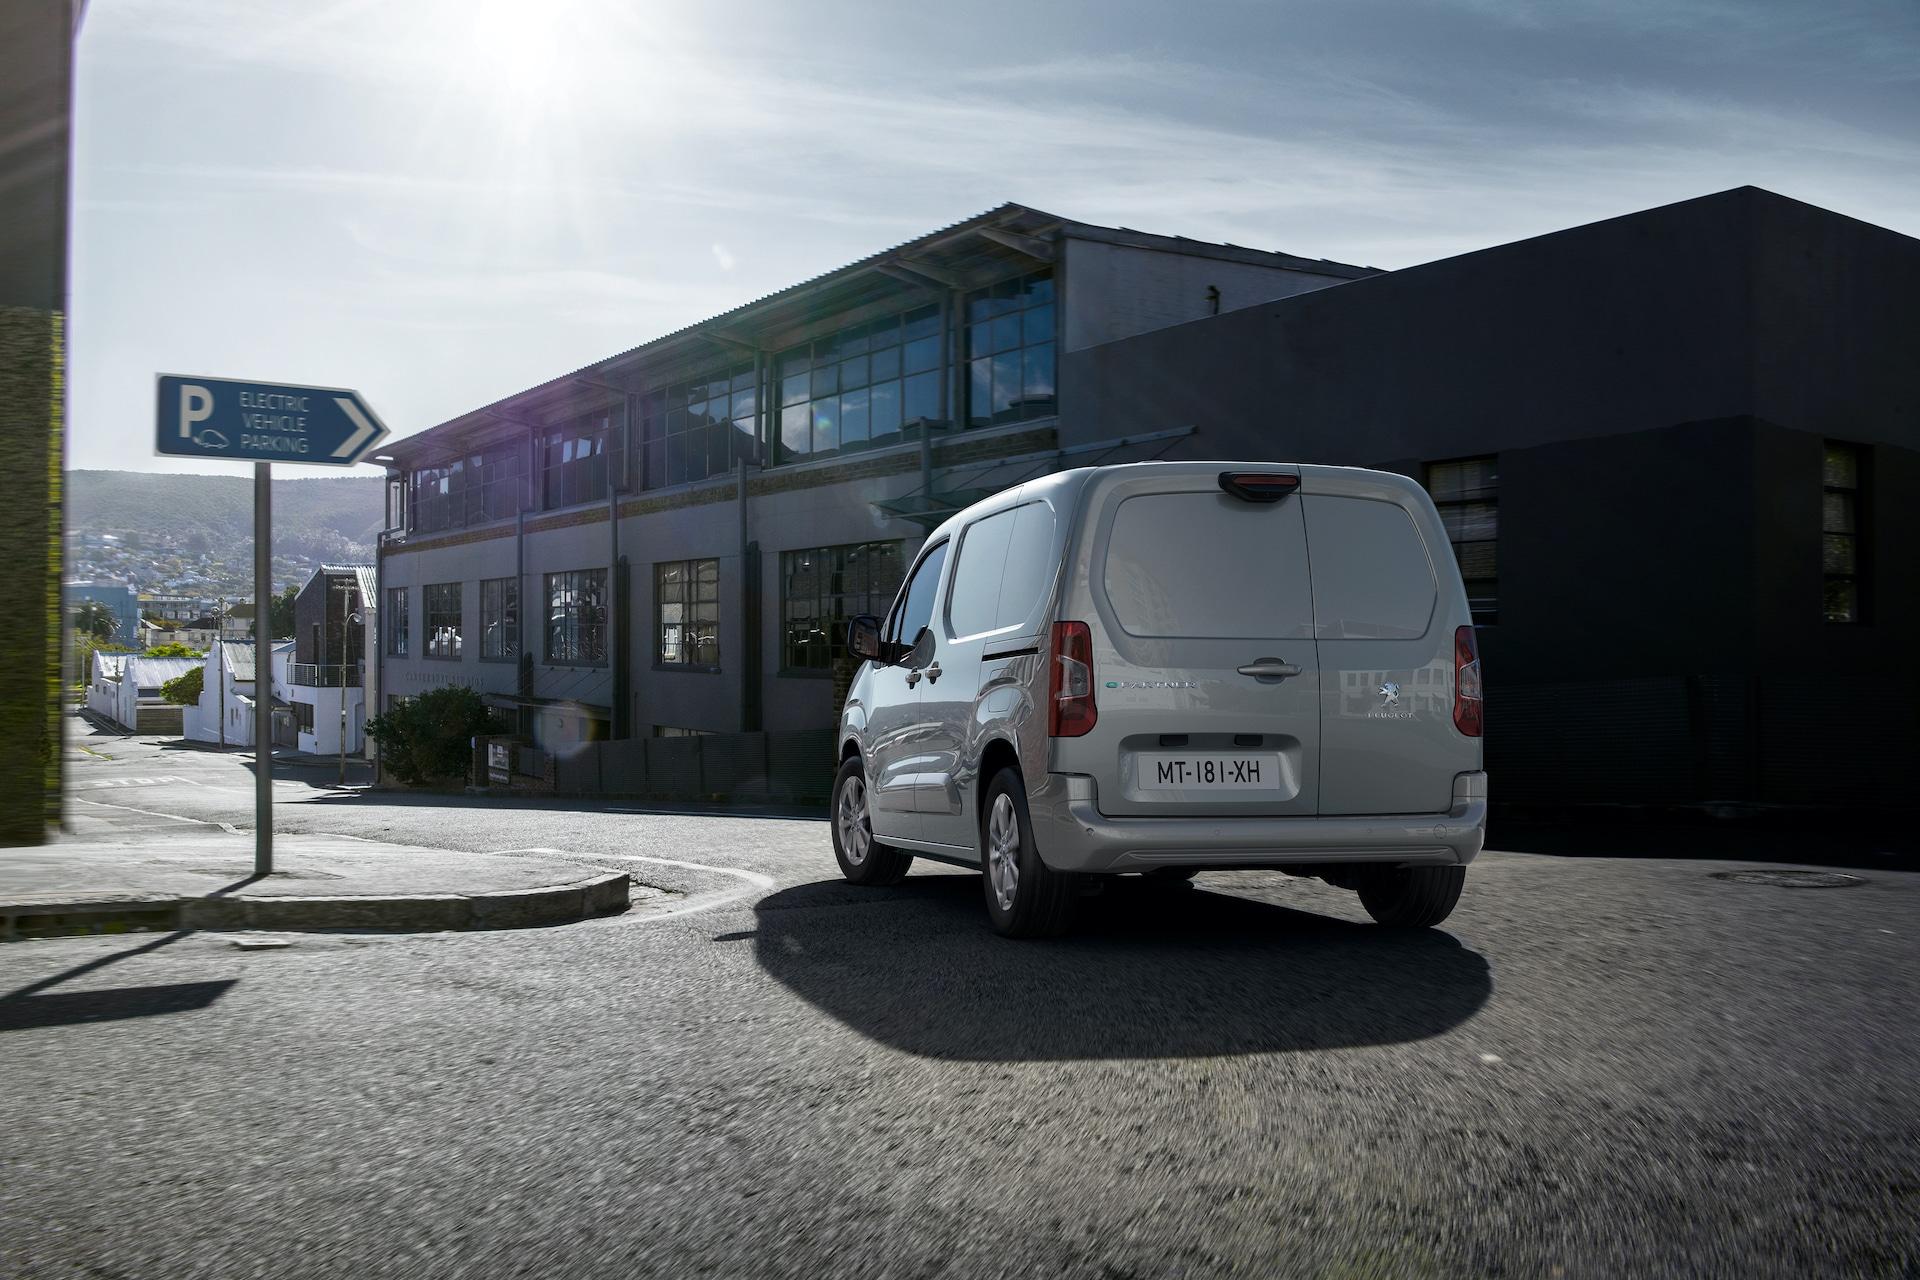 Peugeot-Elektrotransporter-e-Partner-Heck